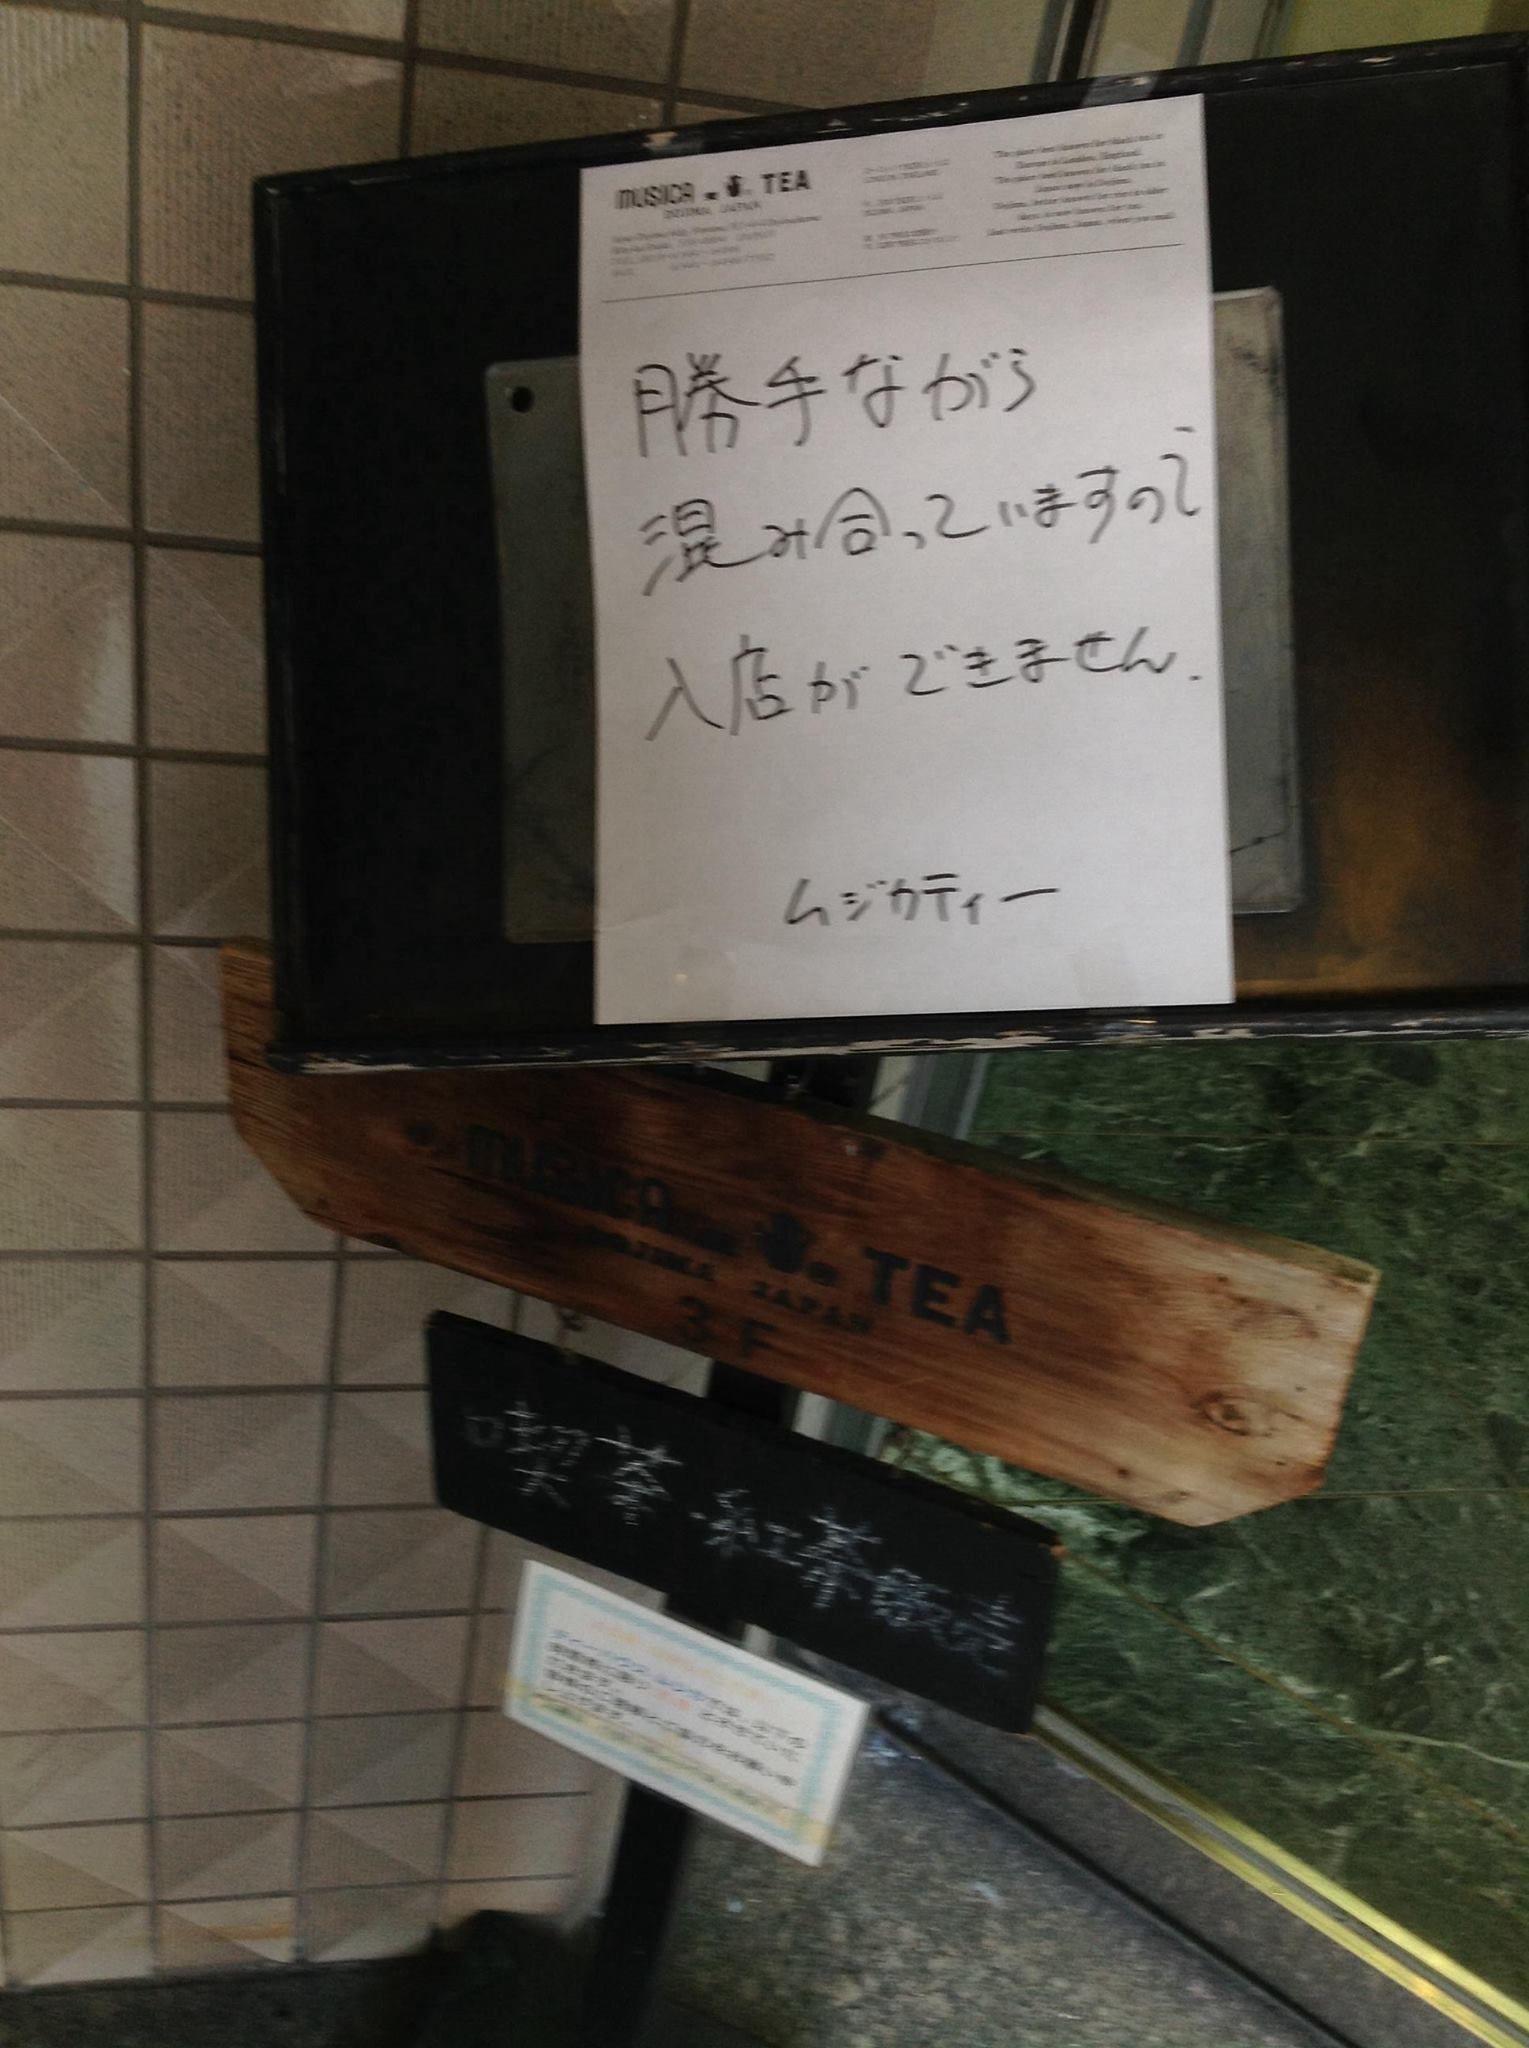 15時ごろ。 堂島ムジカ、大変な状態でした。 新聞配達のお兄さんと一緒に3階へ。 人混みに驚き、そうそうに退散。 一旦、十三の茶淹へ退避…